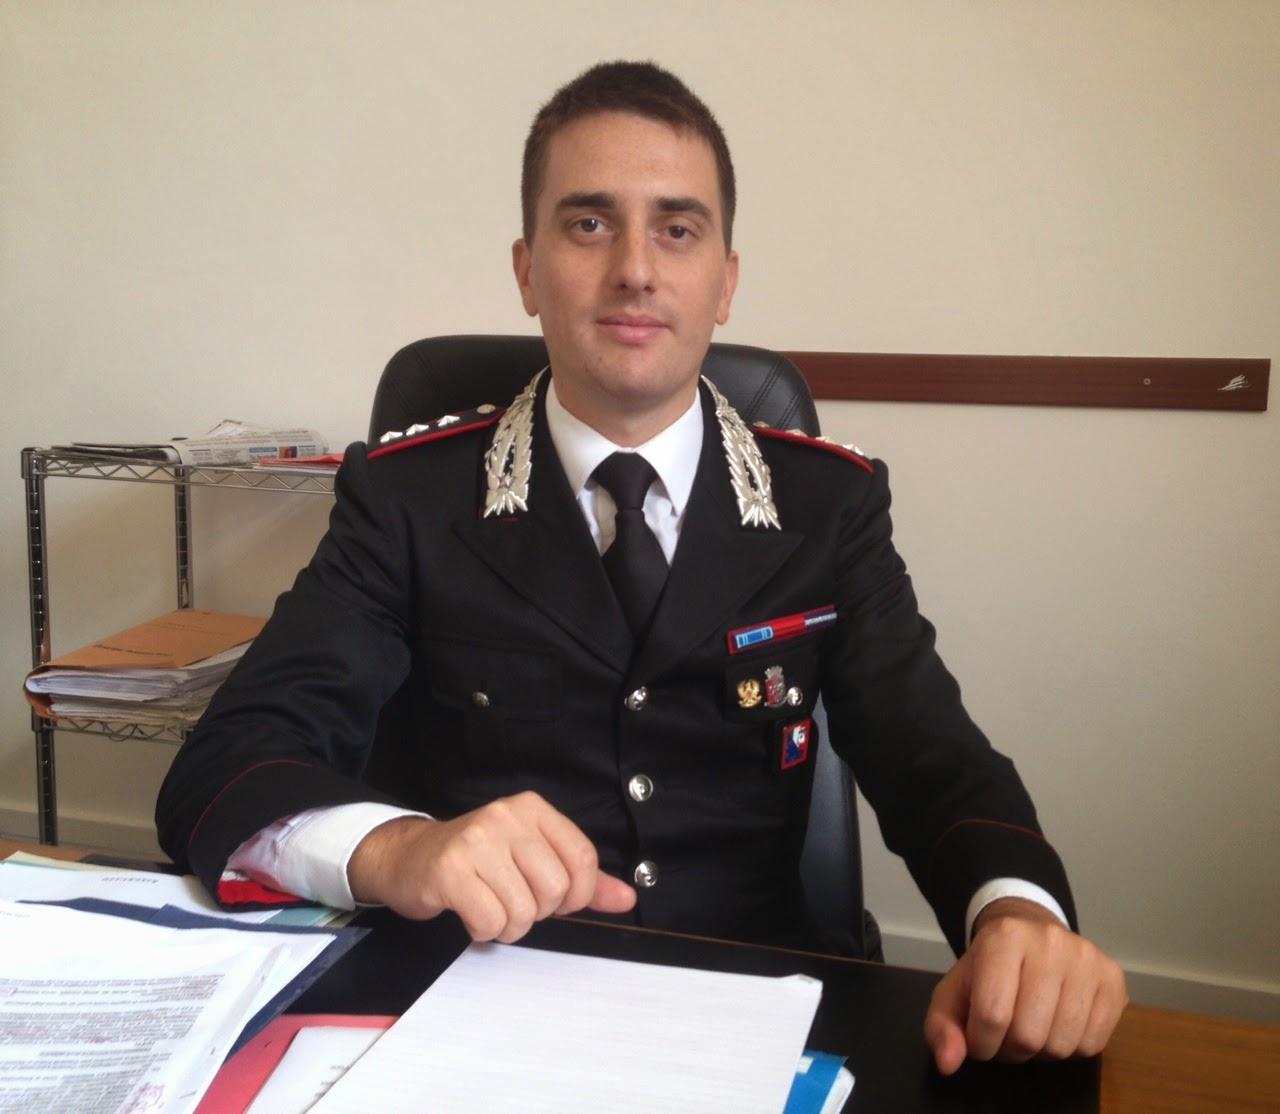 Il Comandante dei Carabinieri della Compagnia di Trani.